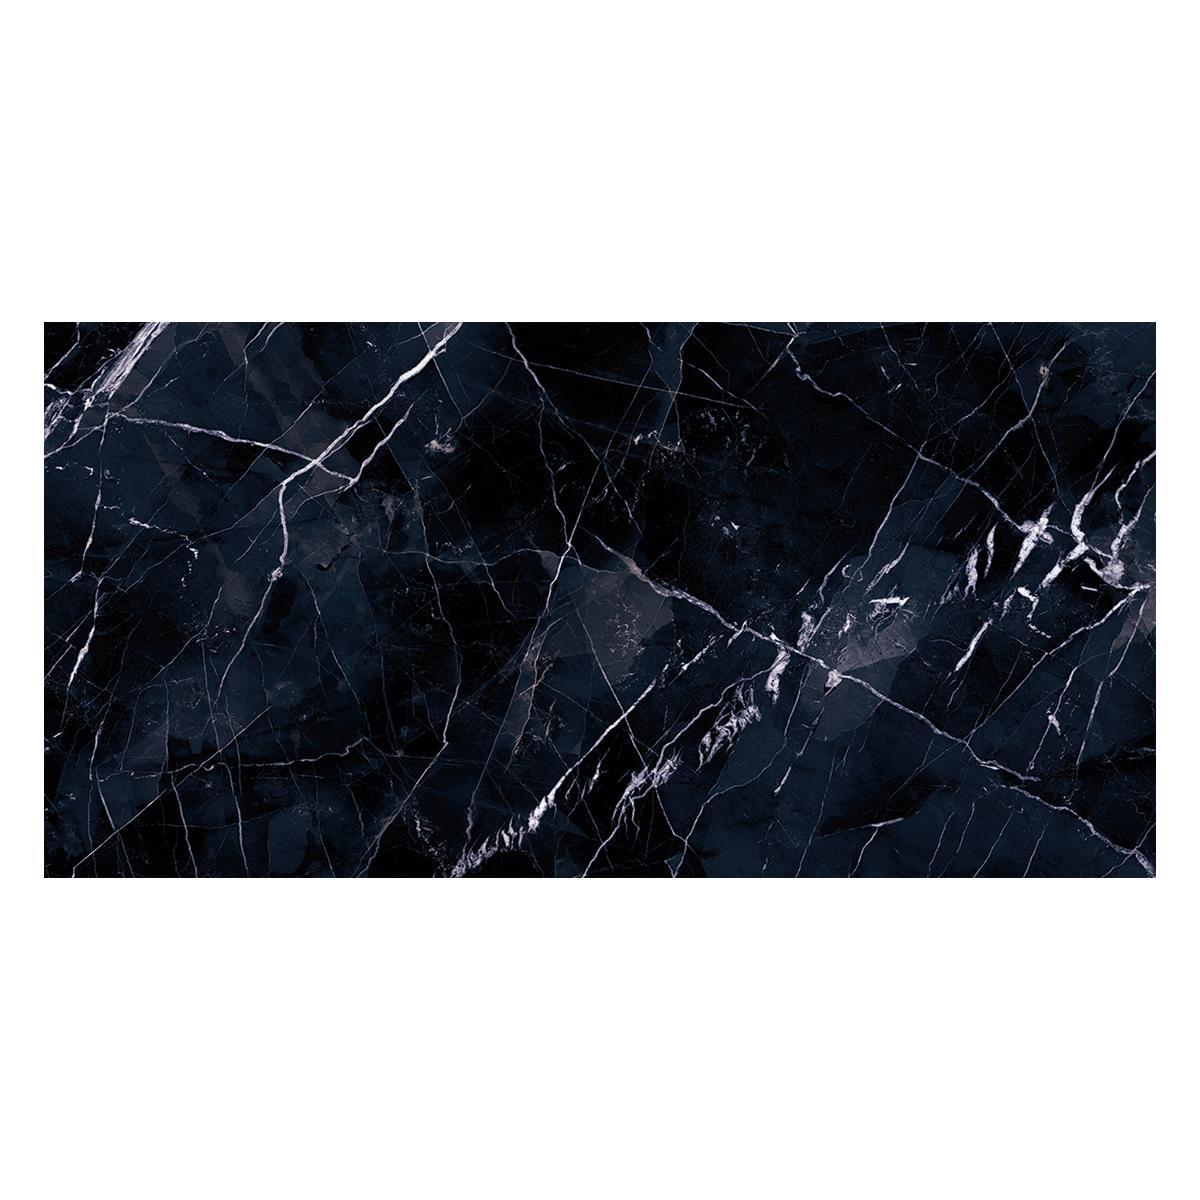 Porcelanato Tele Di Marmo Negro Brillante - 60X120 cm - 1.44 m2